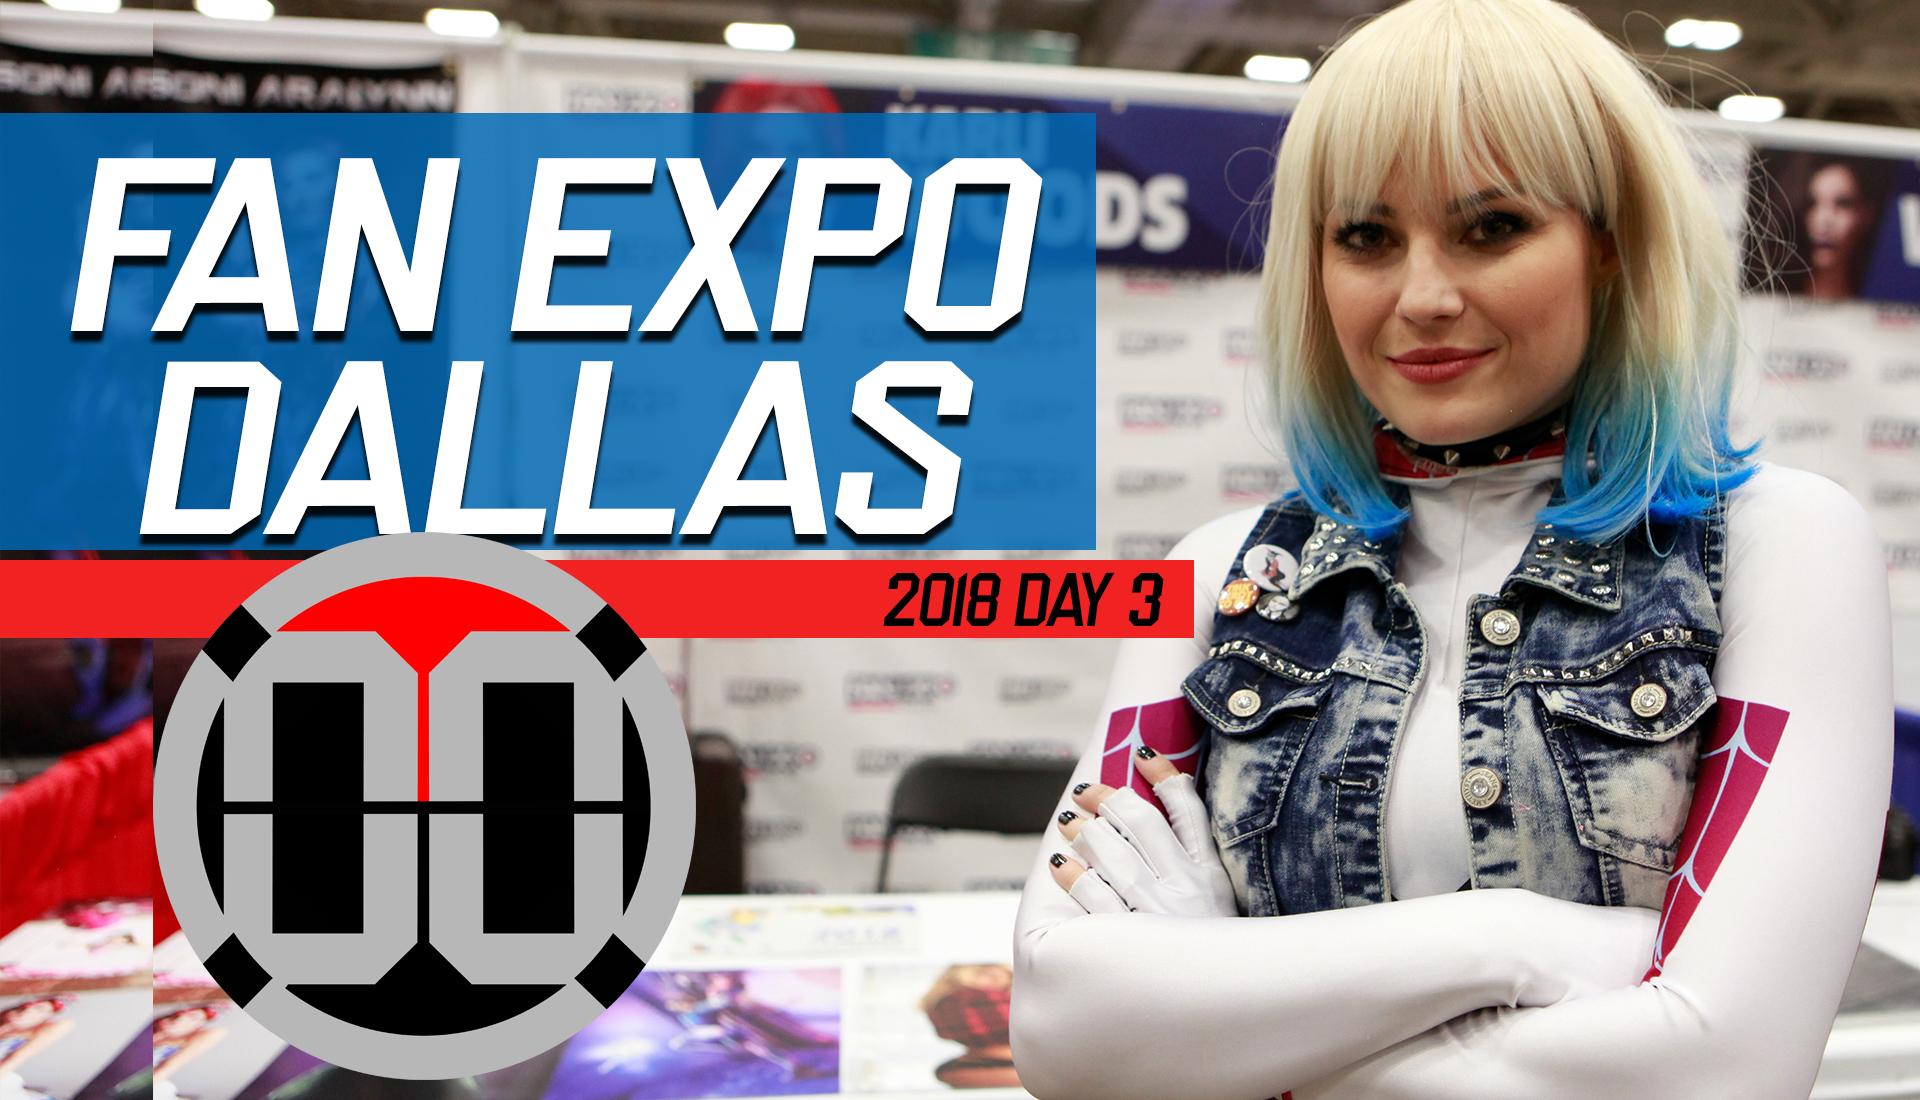 Fan Expo Dallas 2018 Day 3